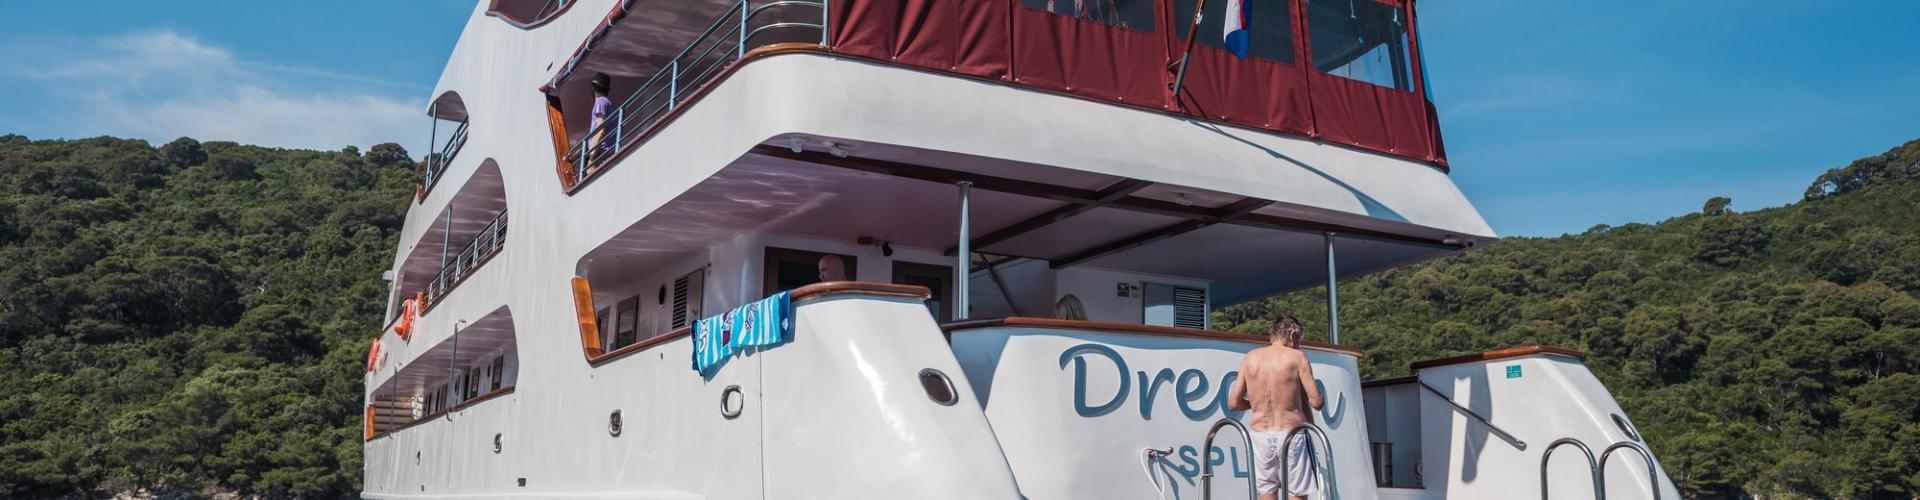 motor boat Premium Superior cruiser MV Dream